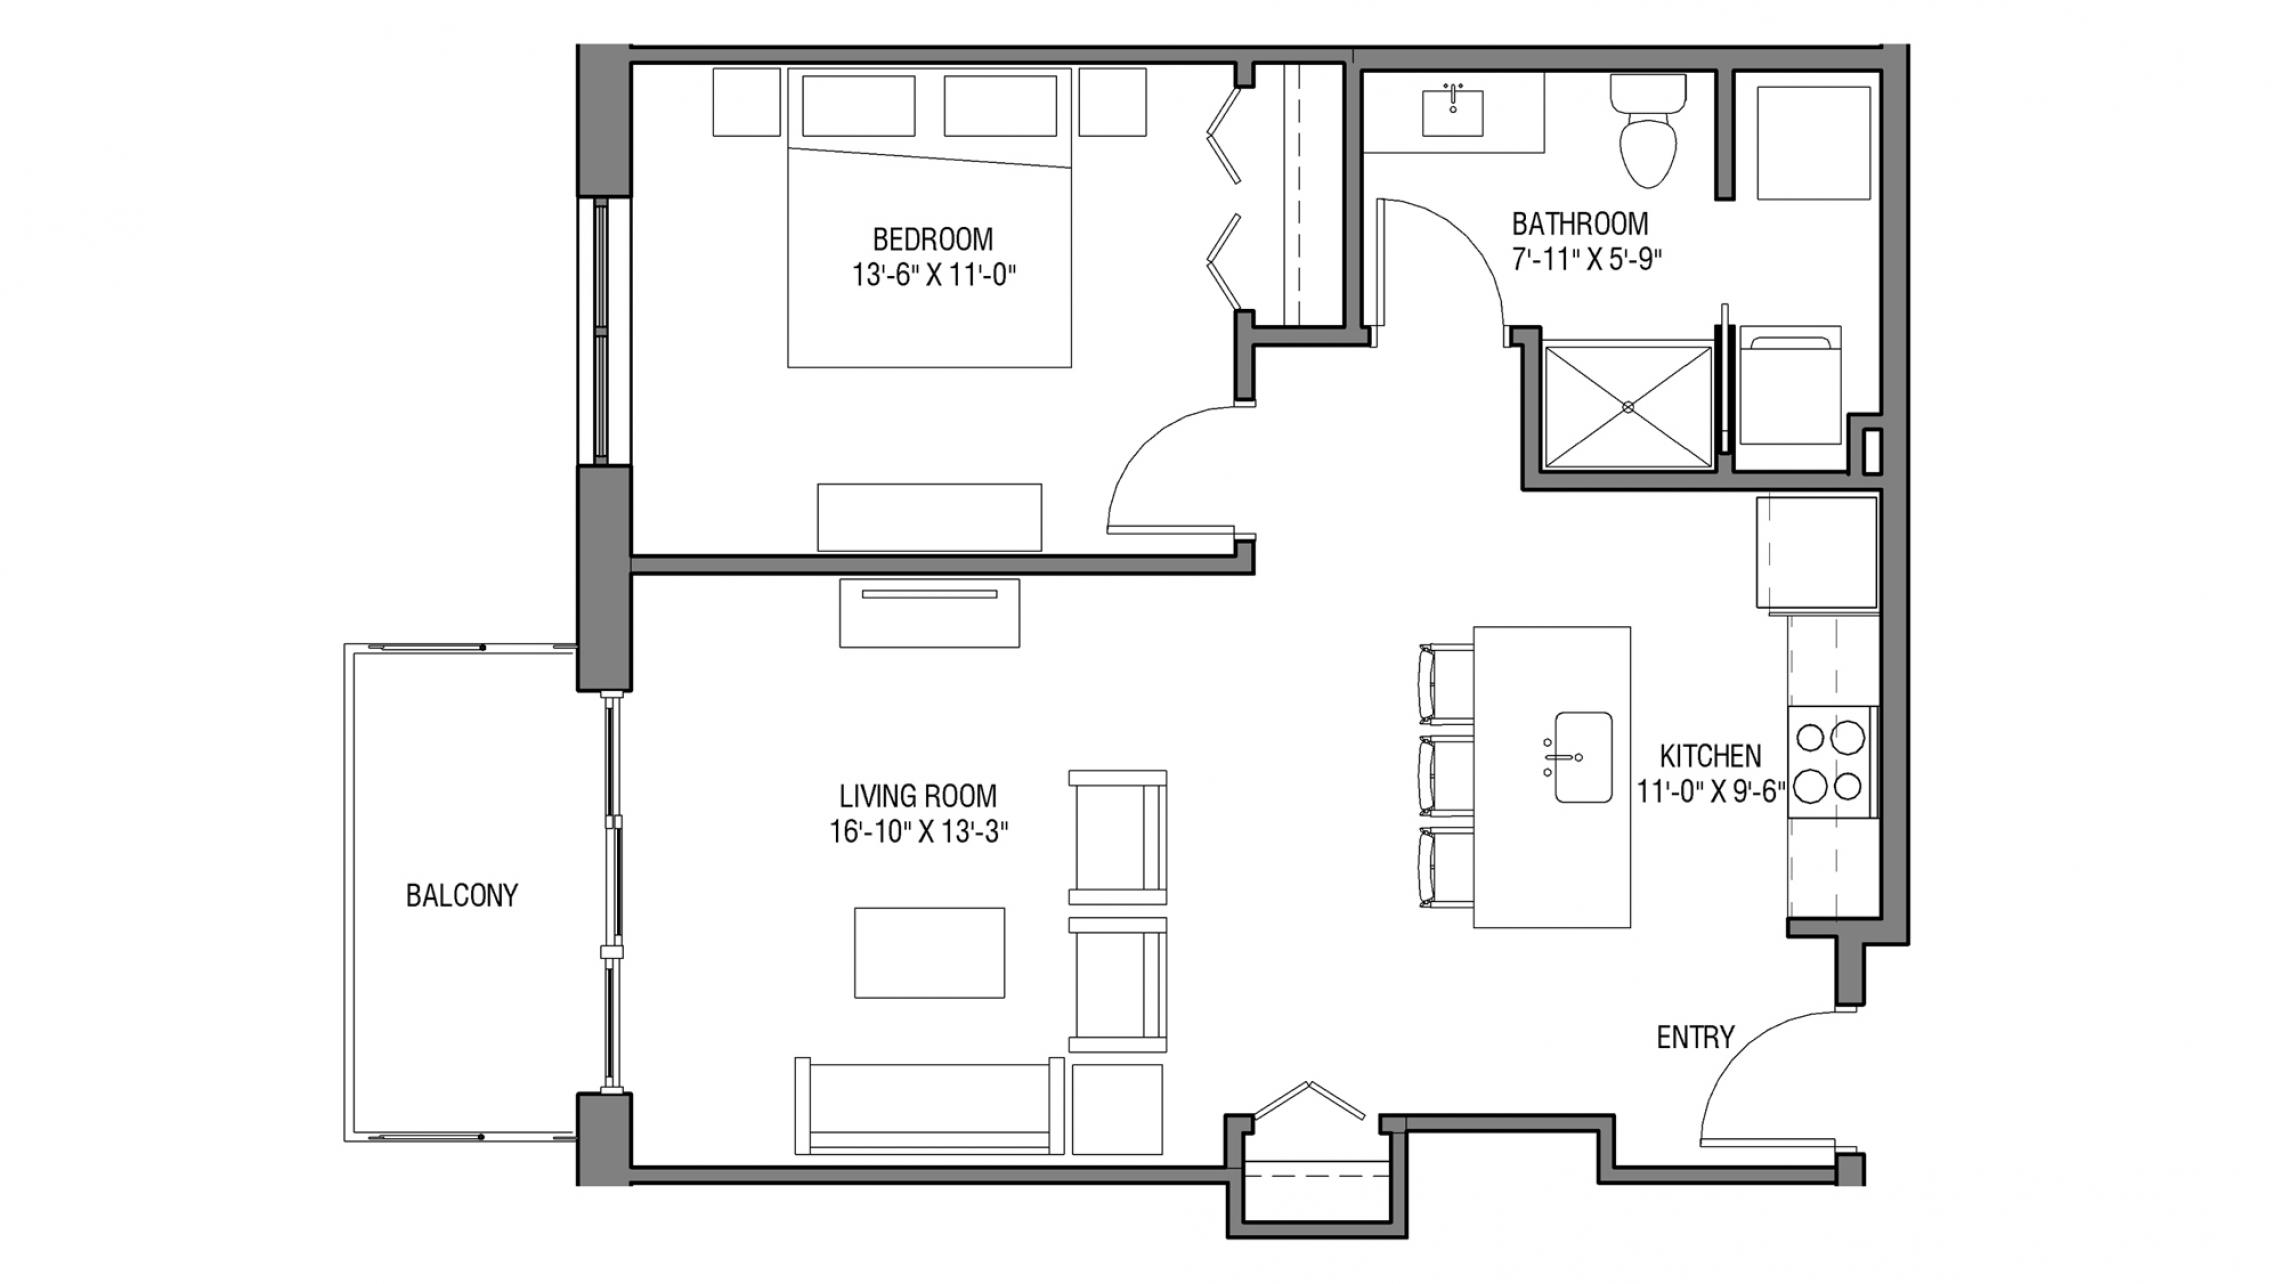 ULI Nine Line 422 - One Bedroom, One Bathroom